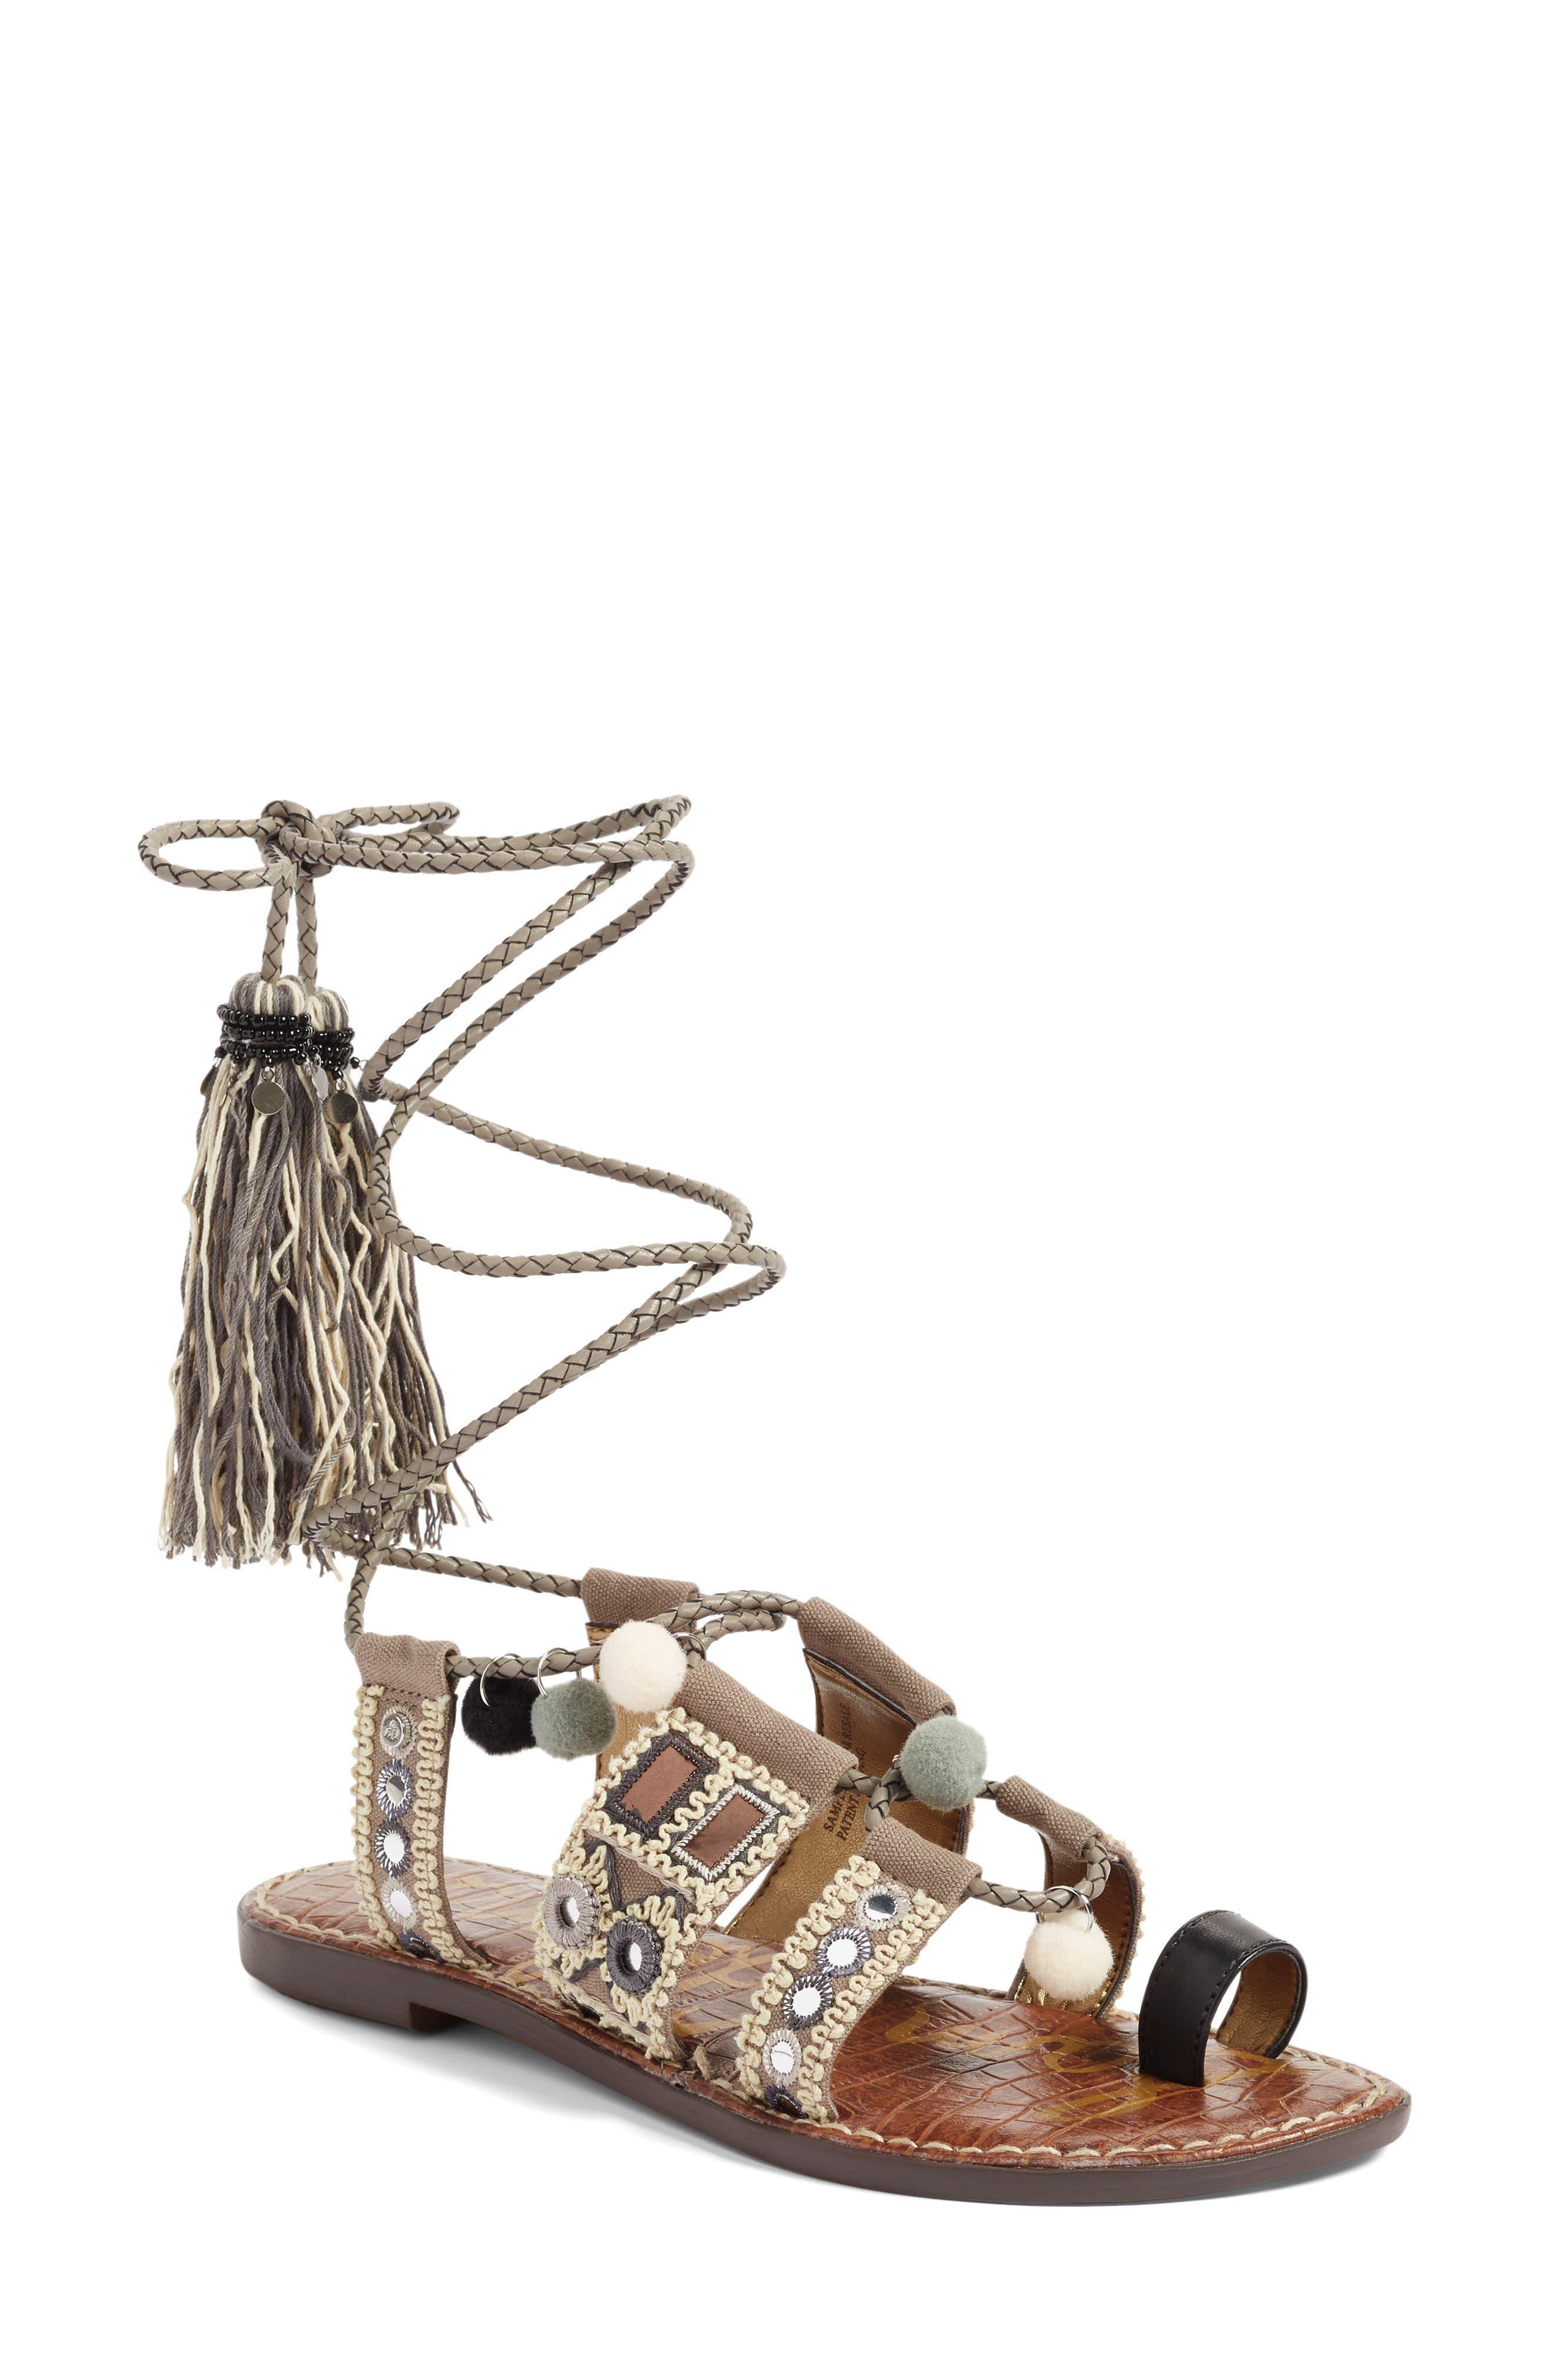 Gretchen Gladiator Sandal,                         Main,                         color, 020